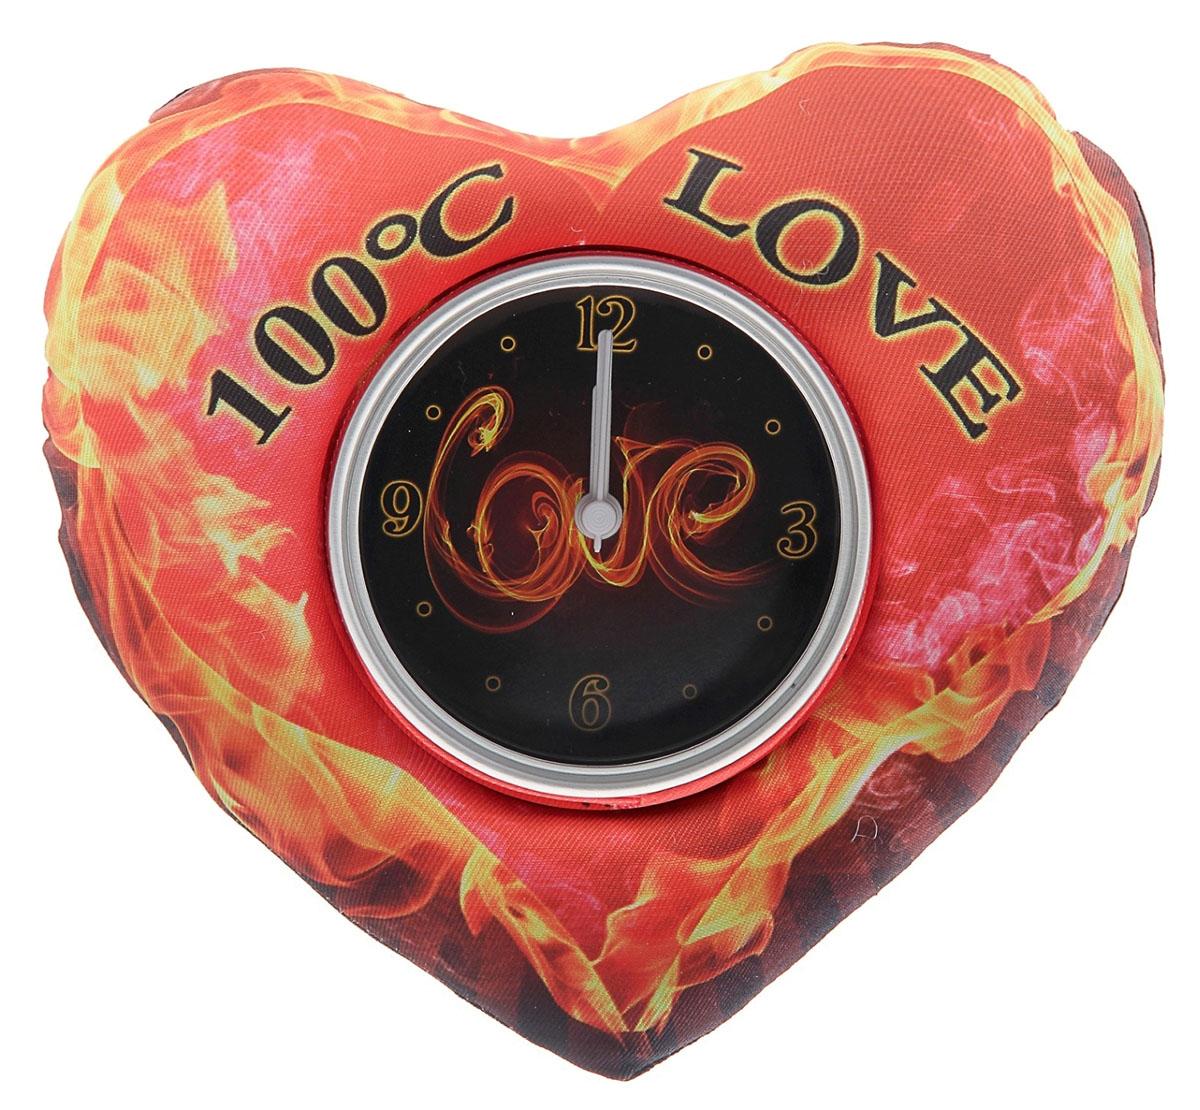 Часы настольные Love, 16 х 19 см. 760849760849Такого мы еще не видели! Мягкие настольные часы, которые потрясают воображение. ##Name## – это удивительной красоты подарок для любимых, который способен в полной мере выразить ваши чувства. Вторая половинка останется в восторге от такого знака внимания. В чем же преимущества этой модели? Форма Оригинальность идеи Универсальность в использовании Смелость выбора цвета при создании такого совершенства Чувственная надпись, способная сказать за вас многое Надежная подставка Удобный «читаемый» циферблат Еще сомневаетесь? Тогда вот еще несколько аргументов: часы послужат вам удобной подушкой в случае, если ожидание спутницы затянется на неопределенный срок; имея под рукой такие мягкие часики, уверяем, вы избежите жертв при скандале, ведь кидаться ими не только безболезненно, но и забавно; а на случай, если вы решили отдохнуть Часы настольные Жаркая любовь, магнит и подставка – идеальный вариант. Мягкую часть используйте в качестве подушки, а часы, чтобы следить за временем; также обратите внимание: мягкий «корпус» спасет часовой механизм от всех ударов судьбы. Представьте лицо любимого человека, когда он будет принимать от вас такой знак внимания. Мы вас уверяем, без улыбки и слов благодарности здесь не обойдется. Поэтому спешите, заказывайте Часы настольные Жаркая любовь, магнит и подставка прямо сейчас и спешите на свидание к любимому человеку.